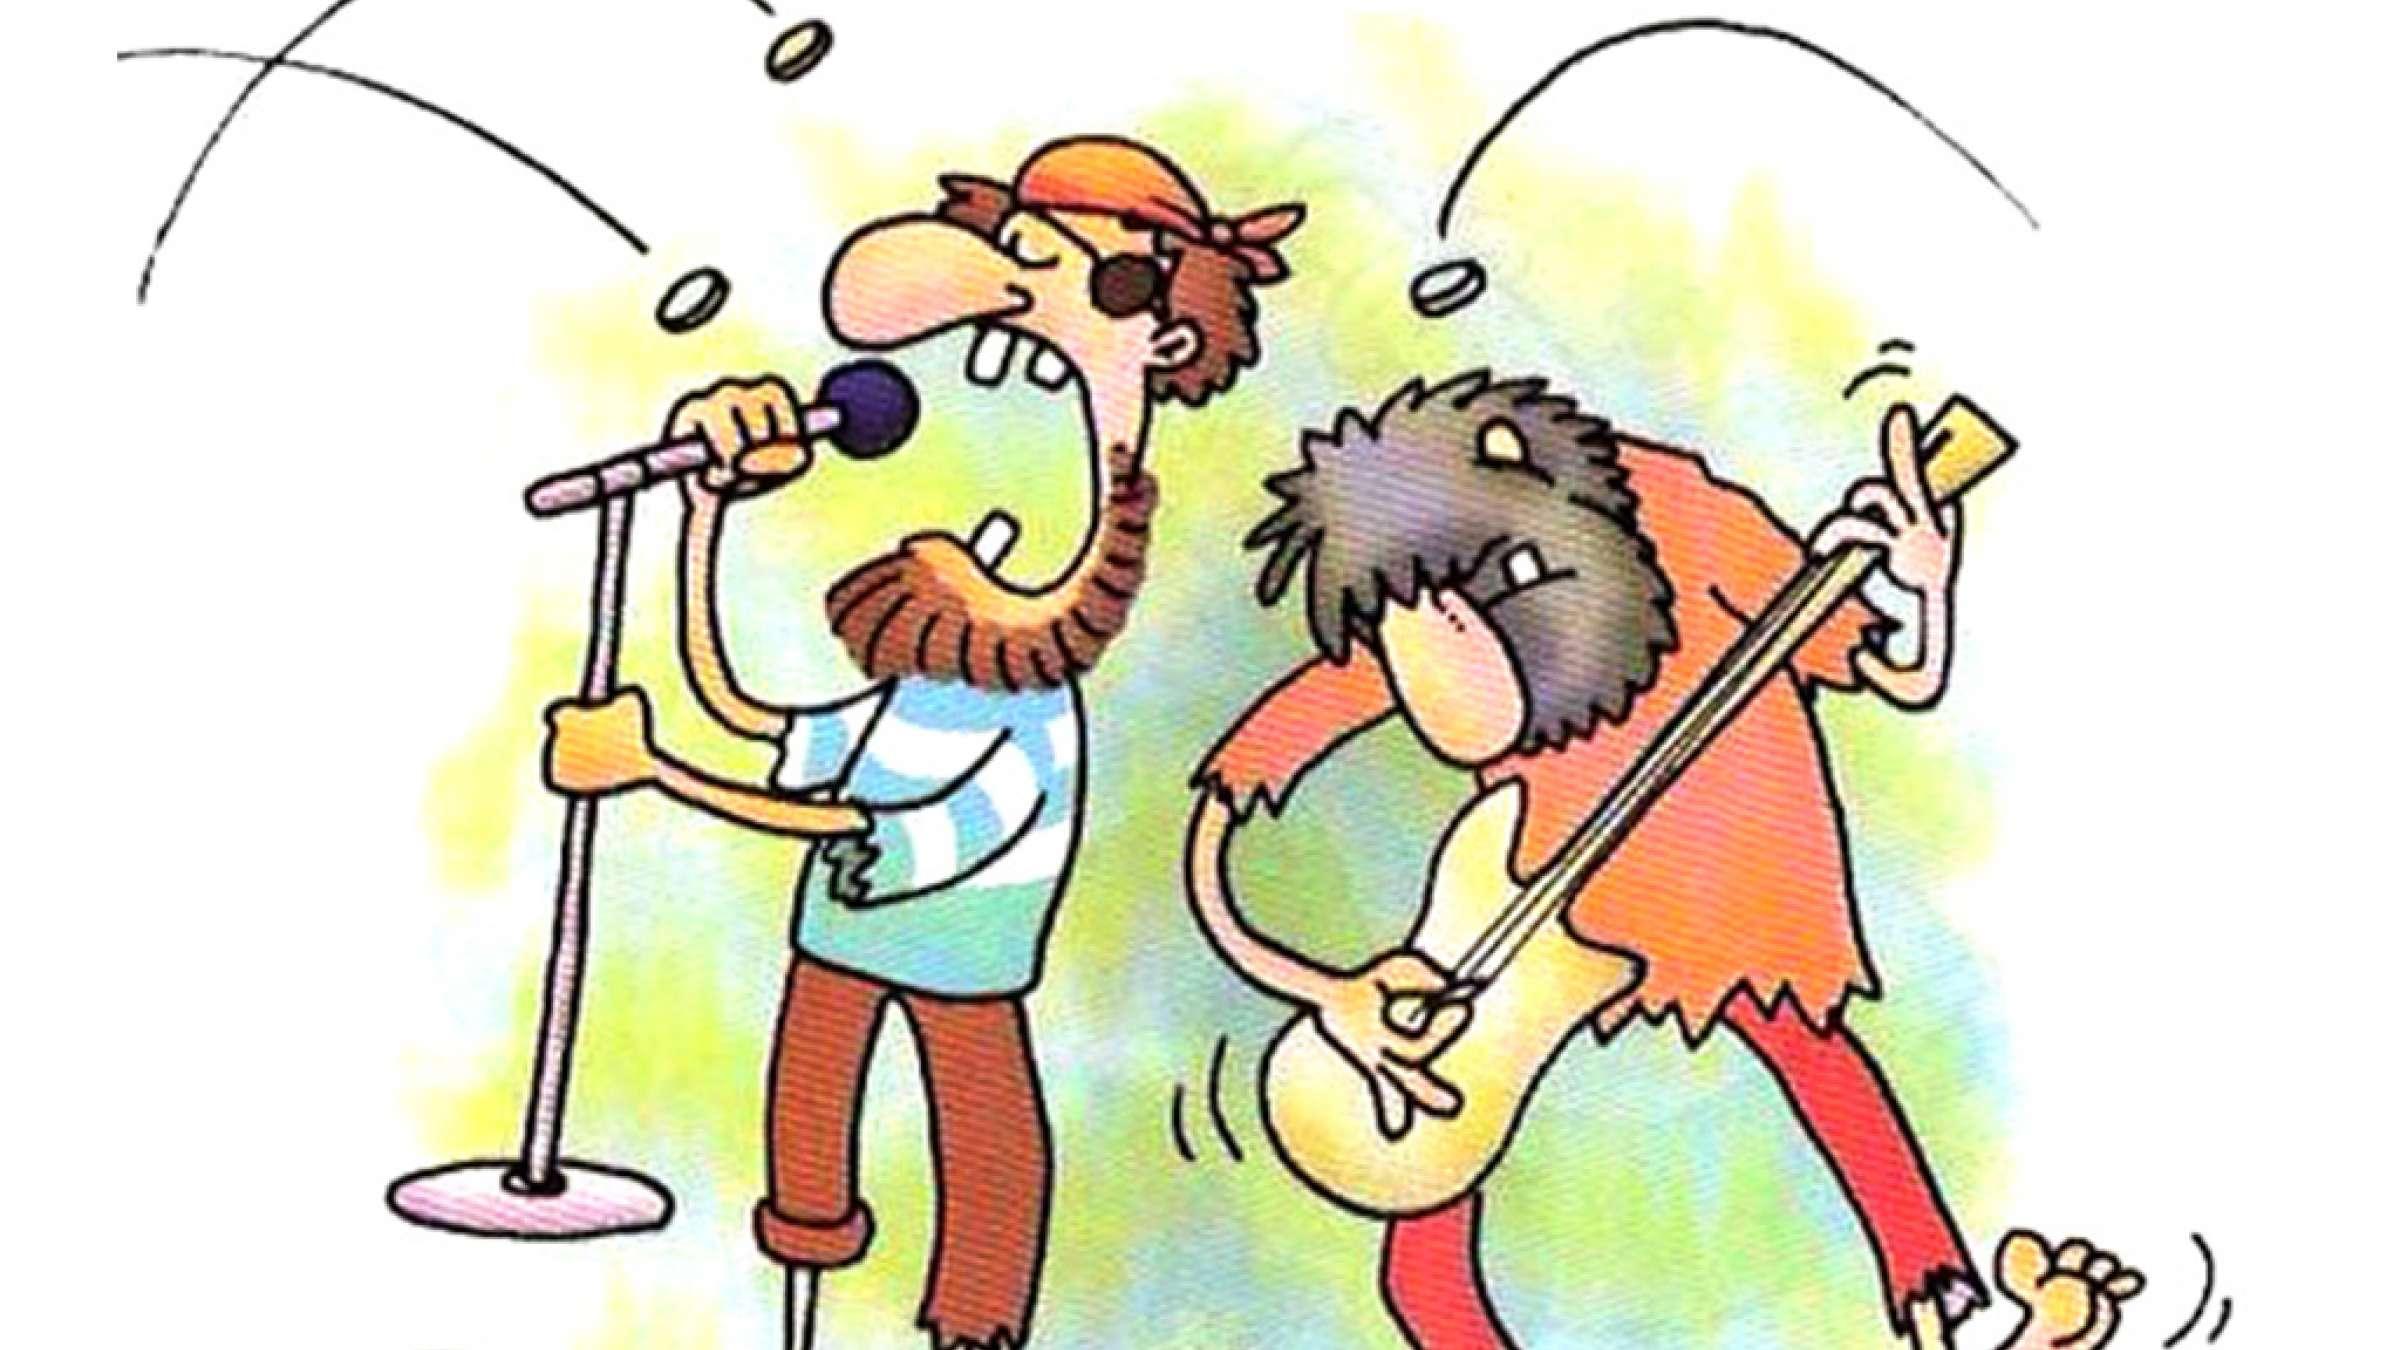 طنز-فضول-اندر-حکایت-ترانهسرایی-استاد-فضولی